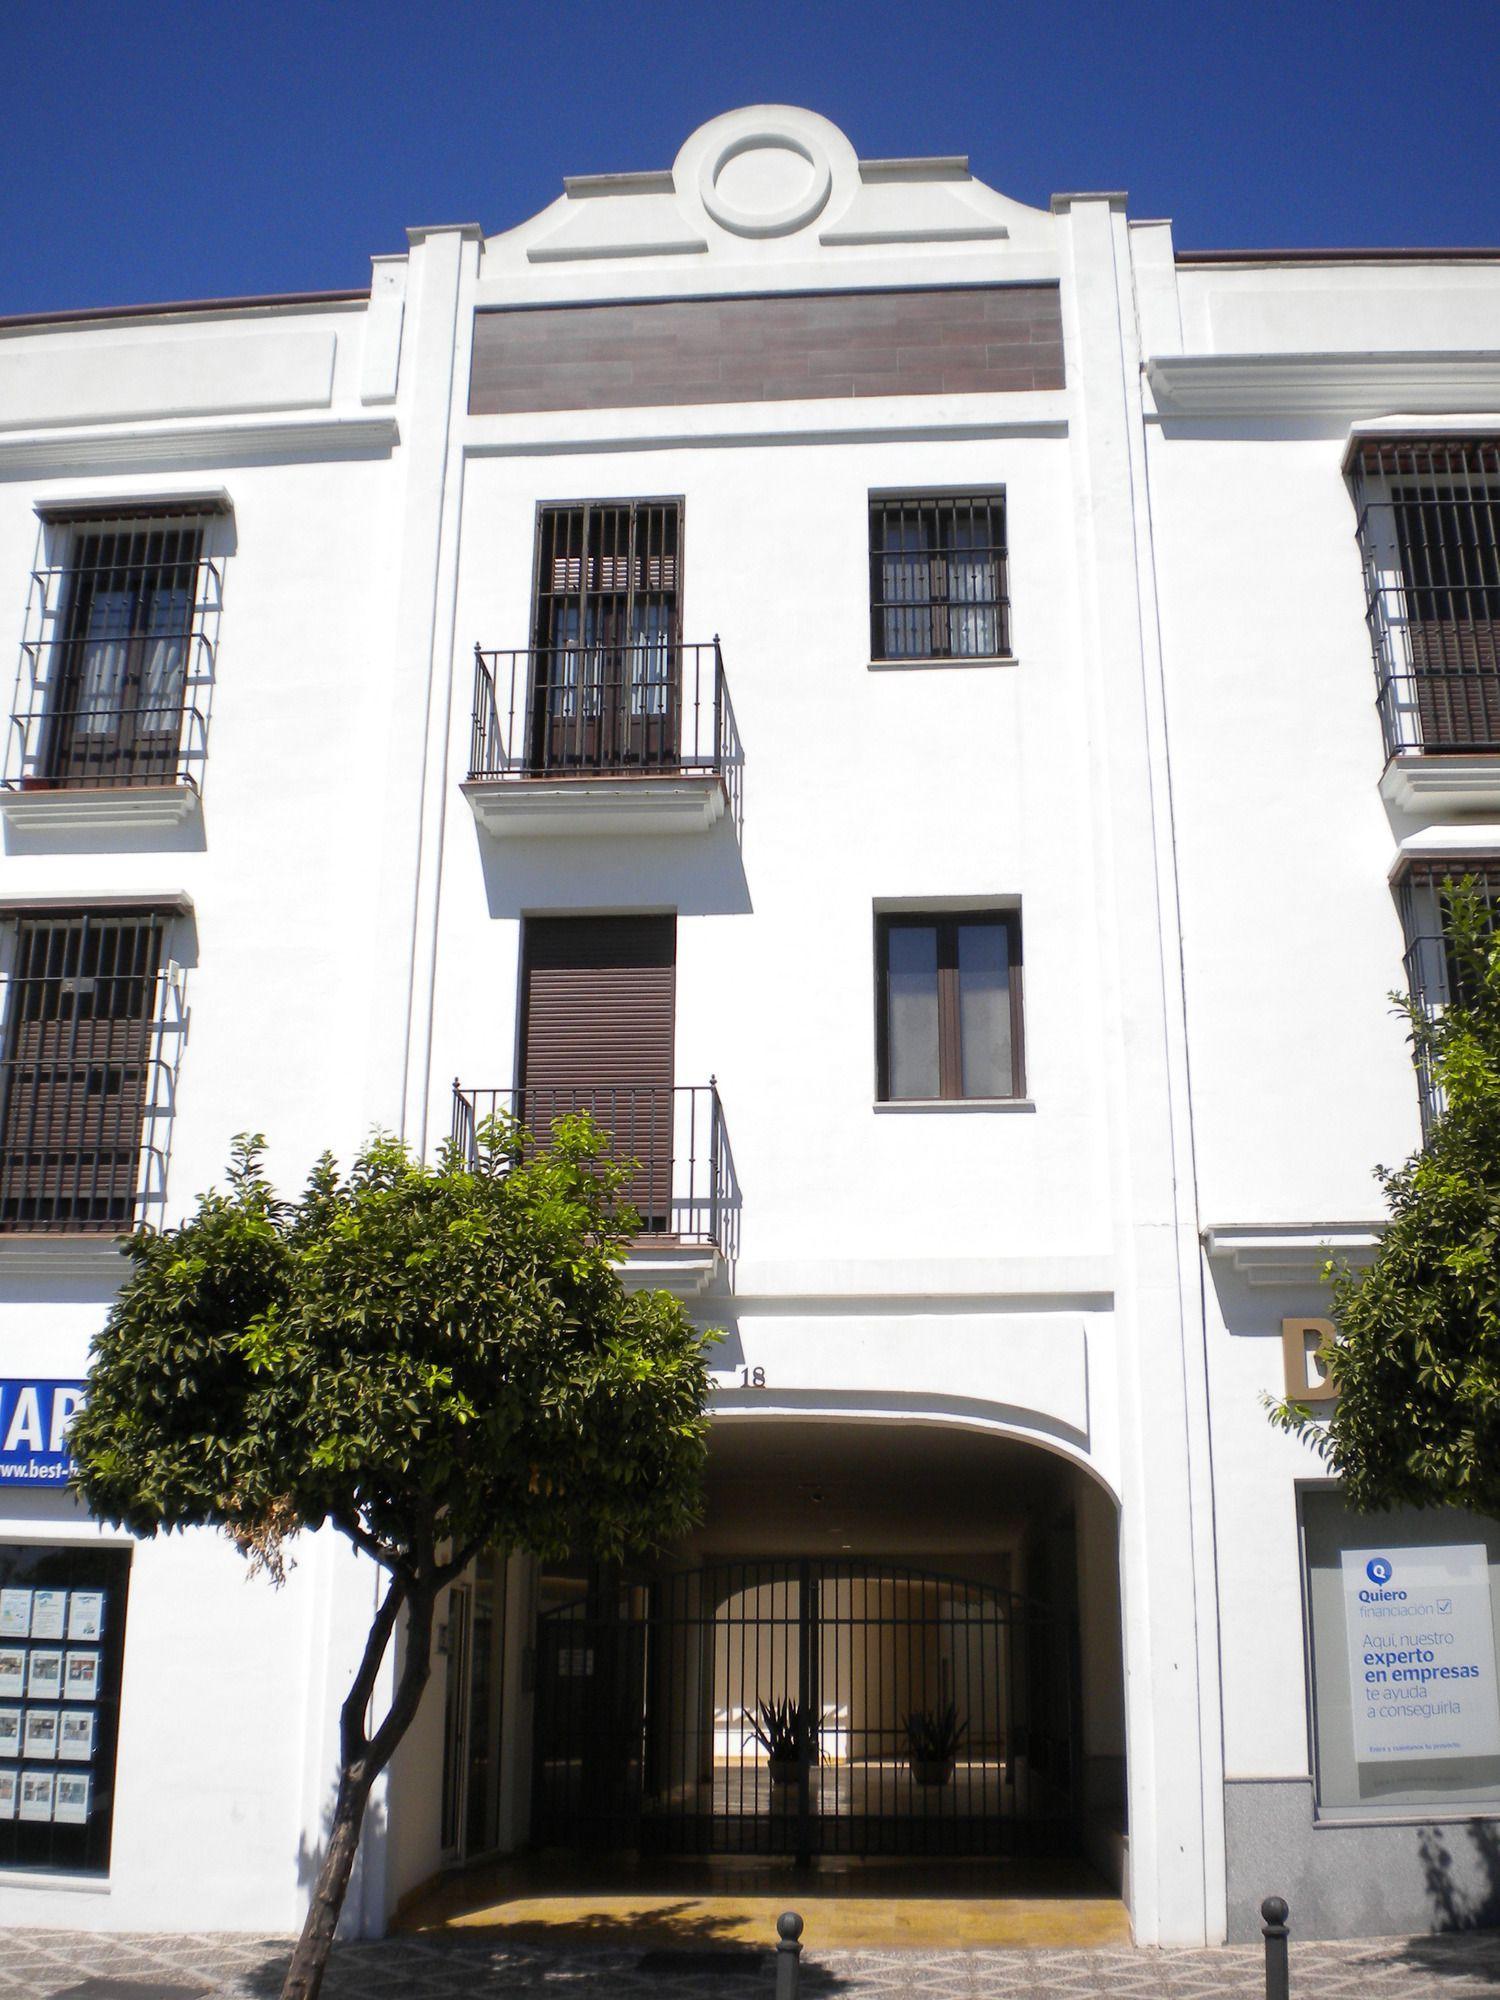 Local en venta en Arcos de la Frontera, Cádiz, Calle Muñoz Vazquez, 48.200 €, 138 m2